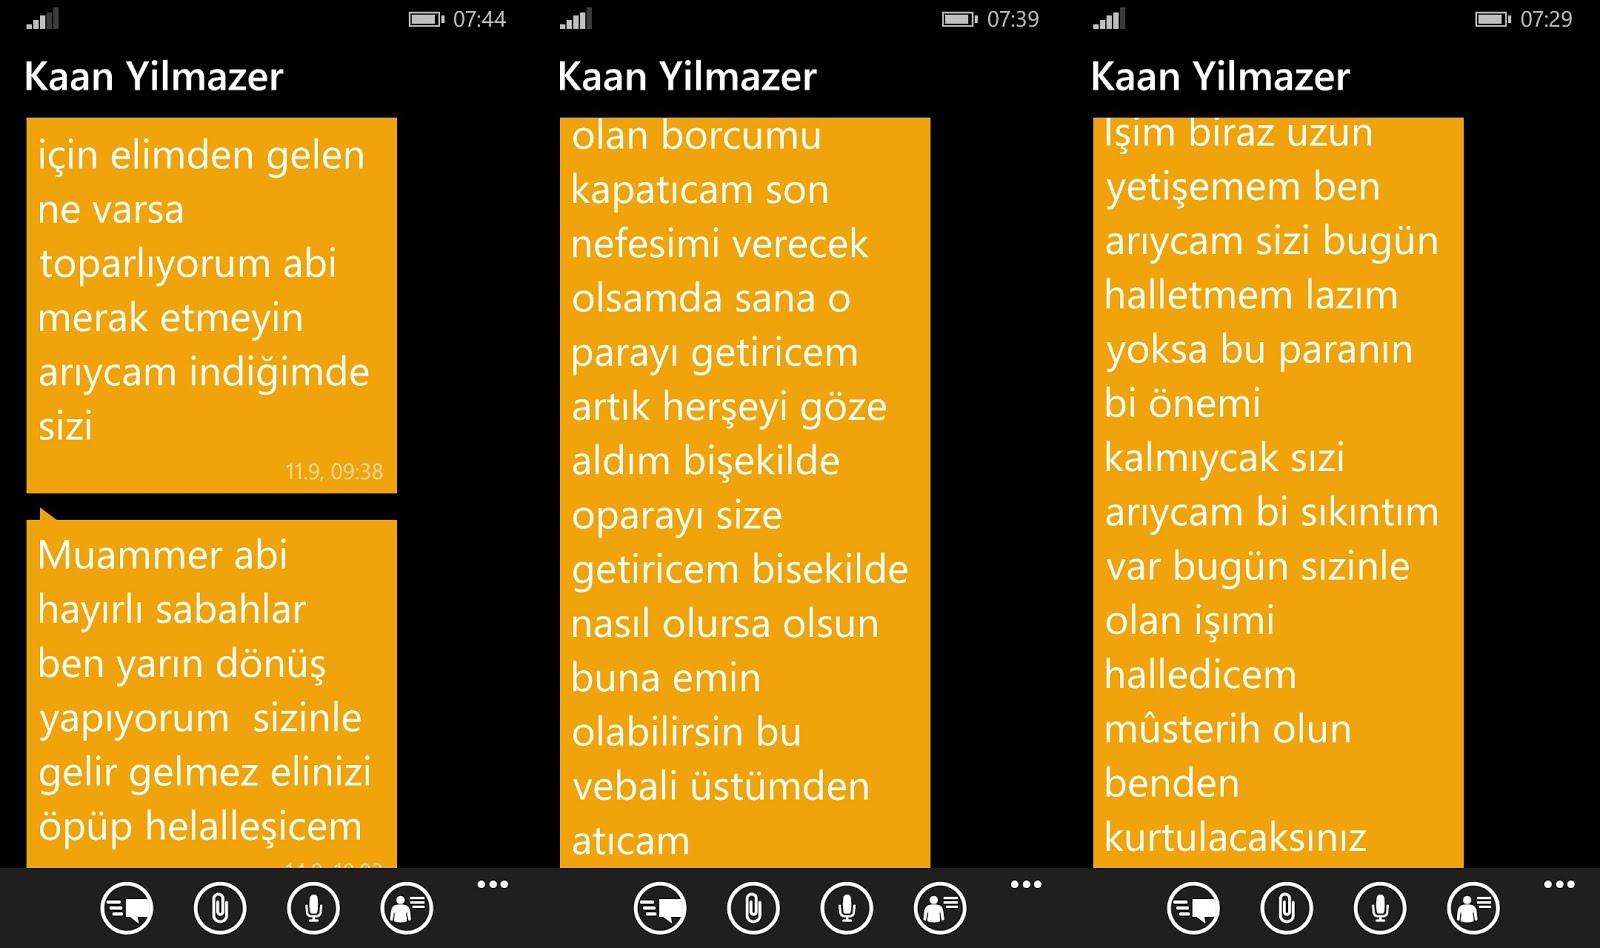 Ekran görüntüsü 1 #kaanyılmazer inbesi.